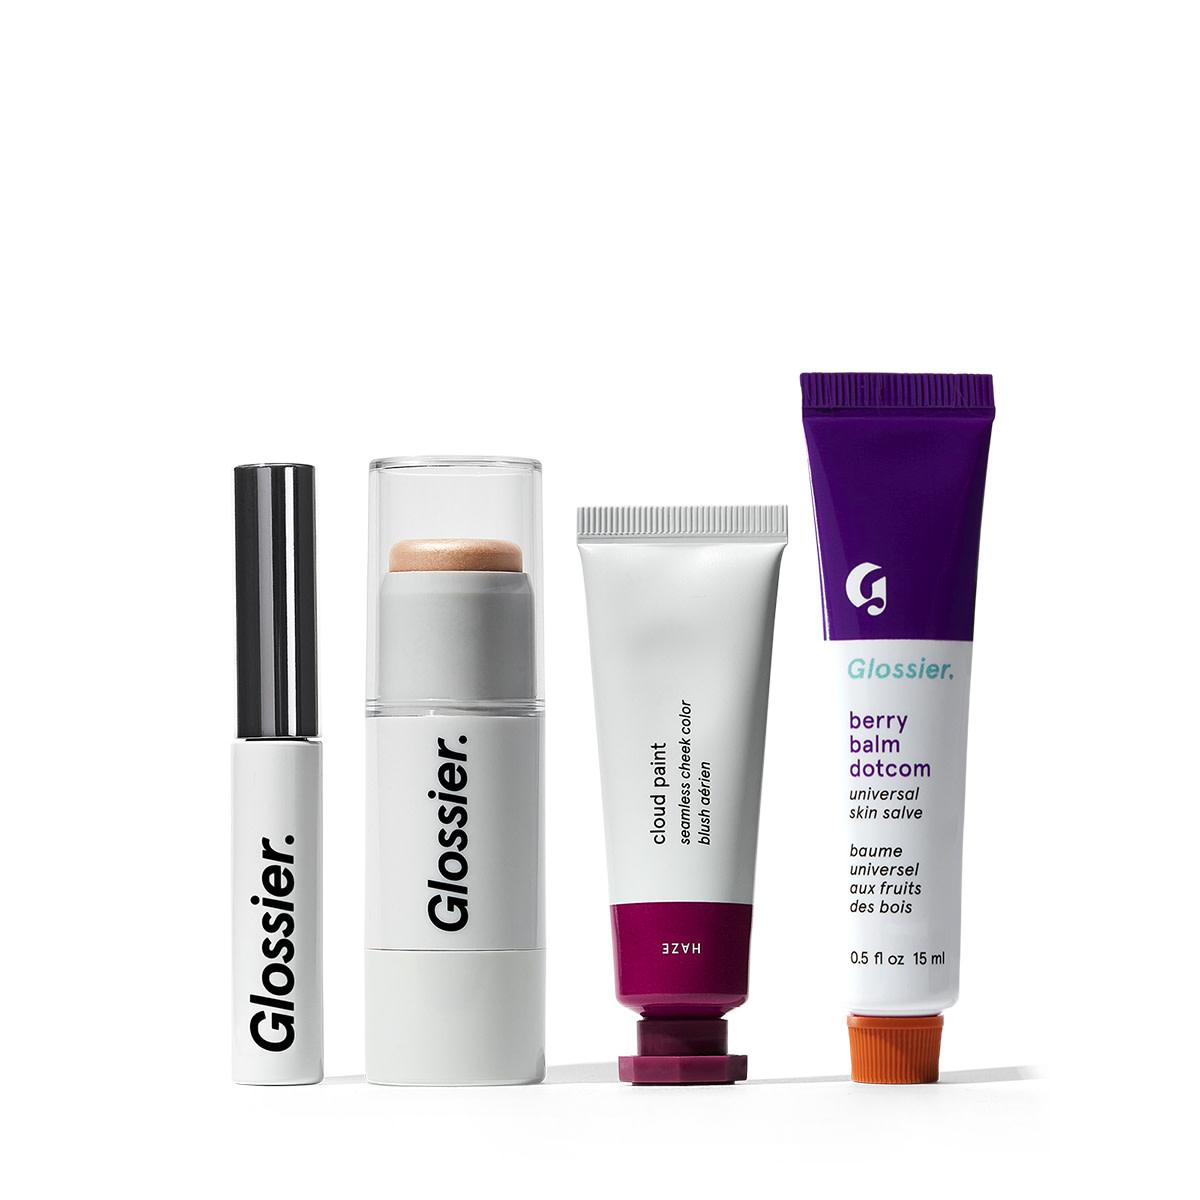 The Makeup Set 2